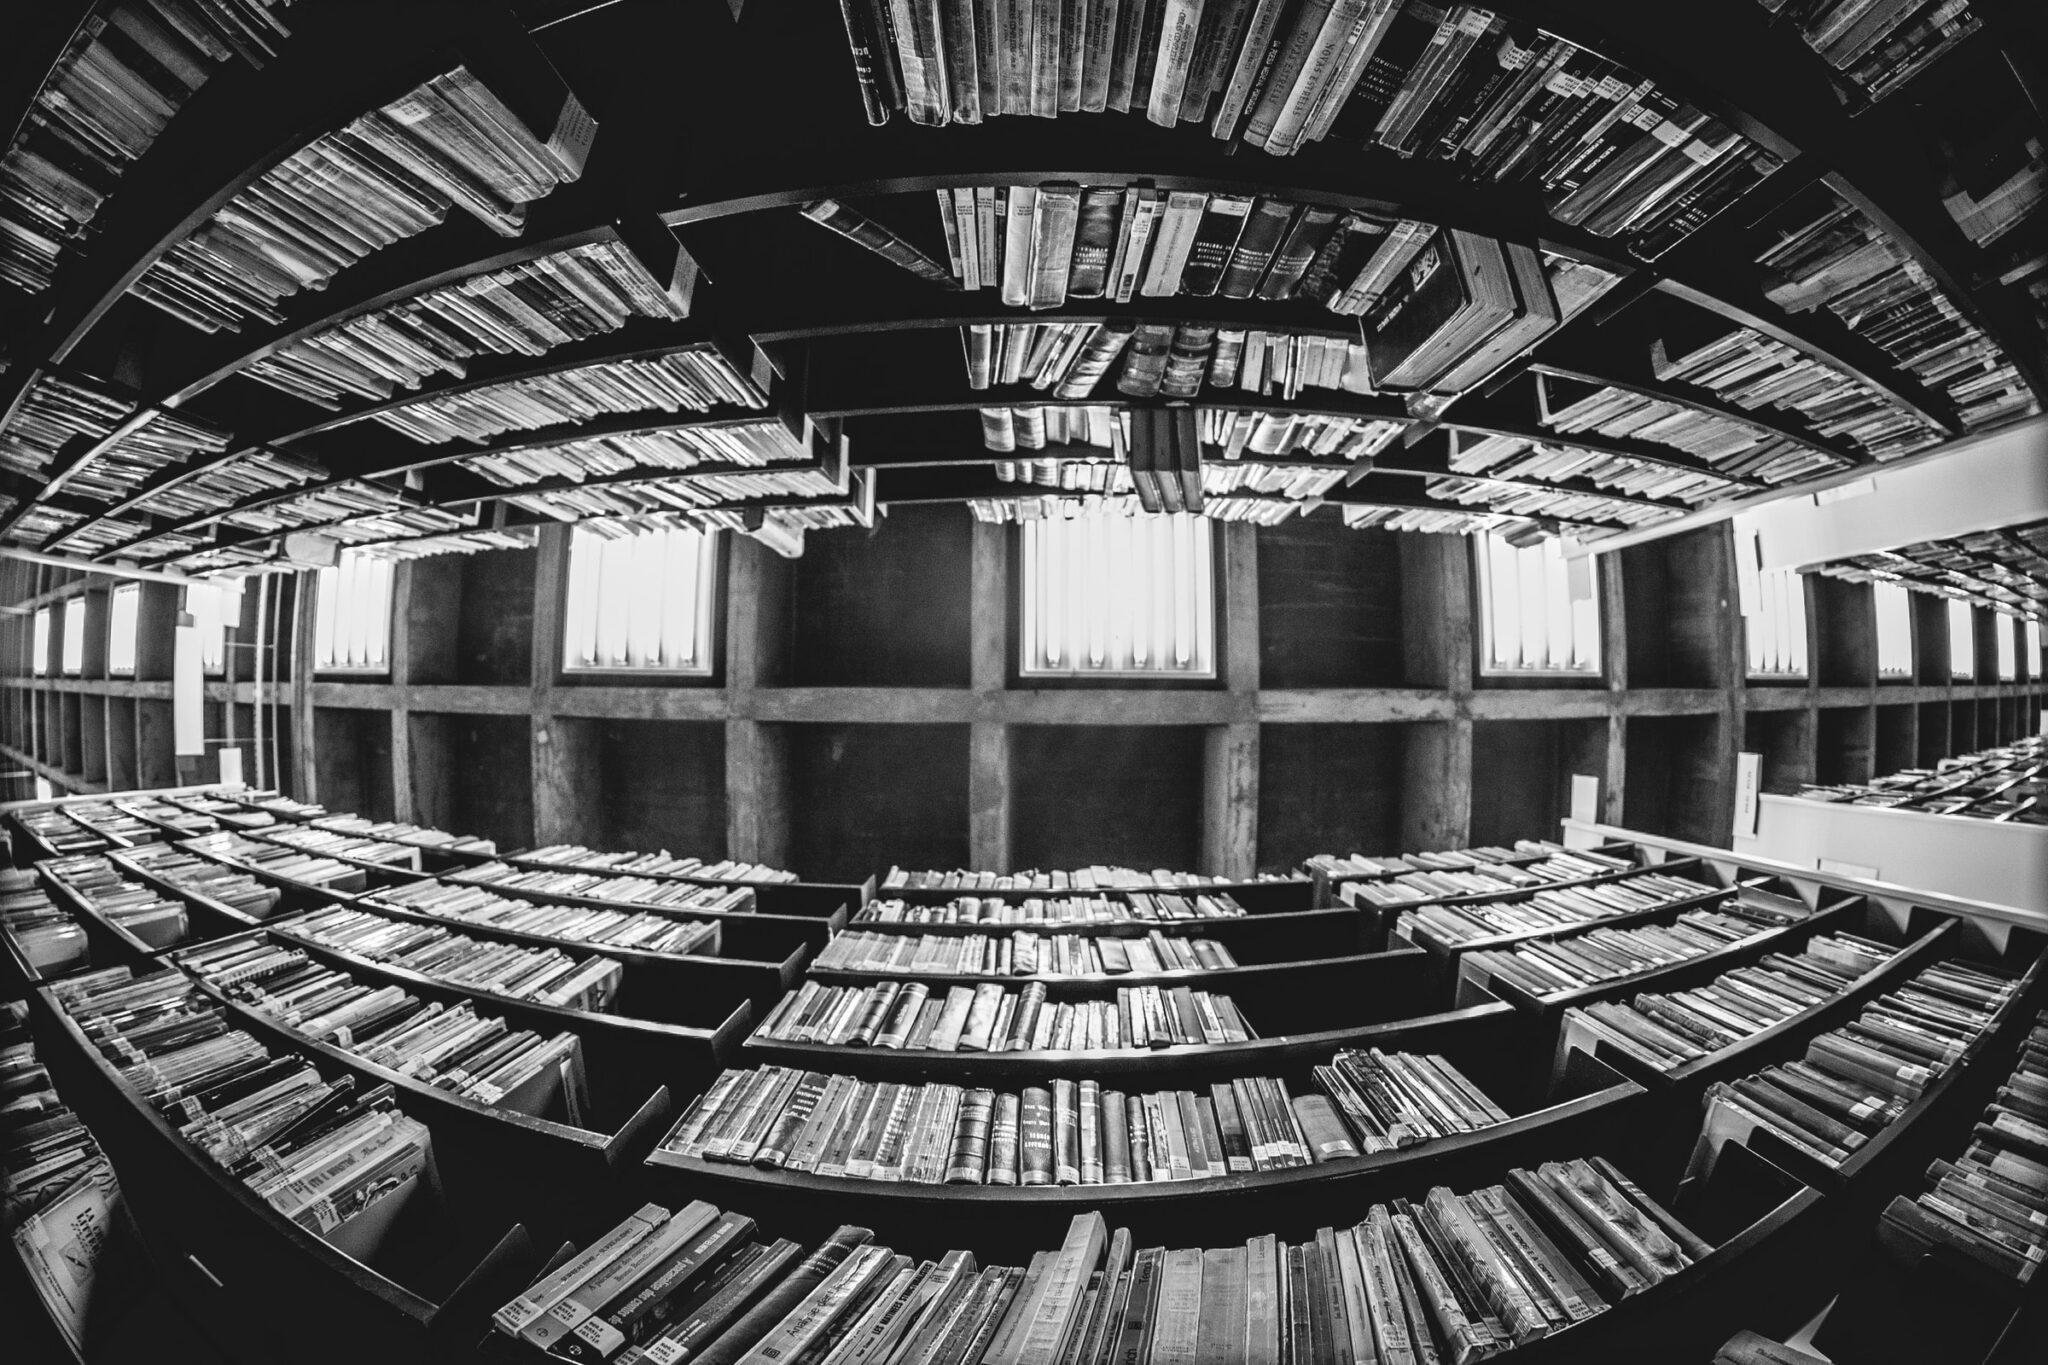 FIsheye-Blick von unten nach oben zwischen zwei Bibliotheksregalen